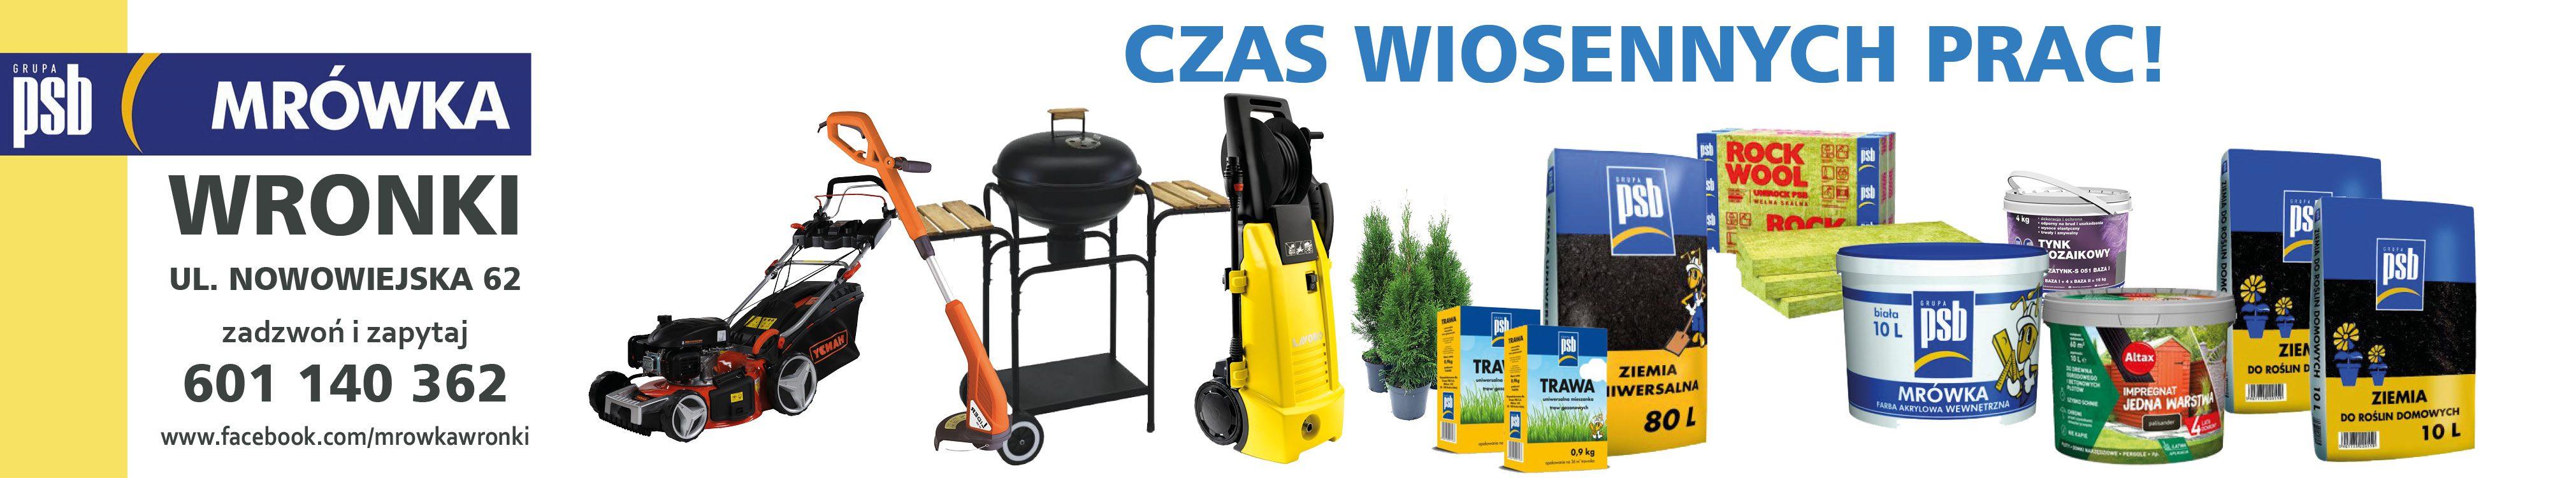 Mrówka Wronki - dekoracje, artykuły dla domu i ogrodu, chemia gospodarcza, materiały budowlane, elektryczne i instalacyjne